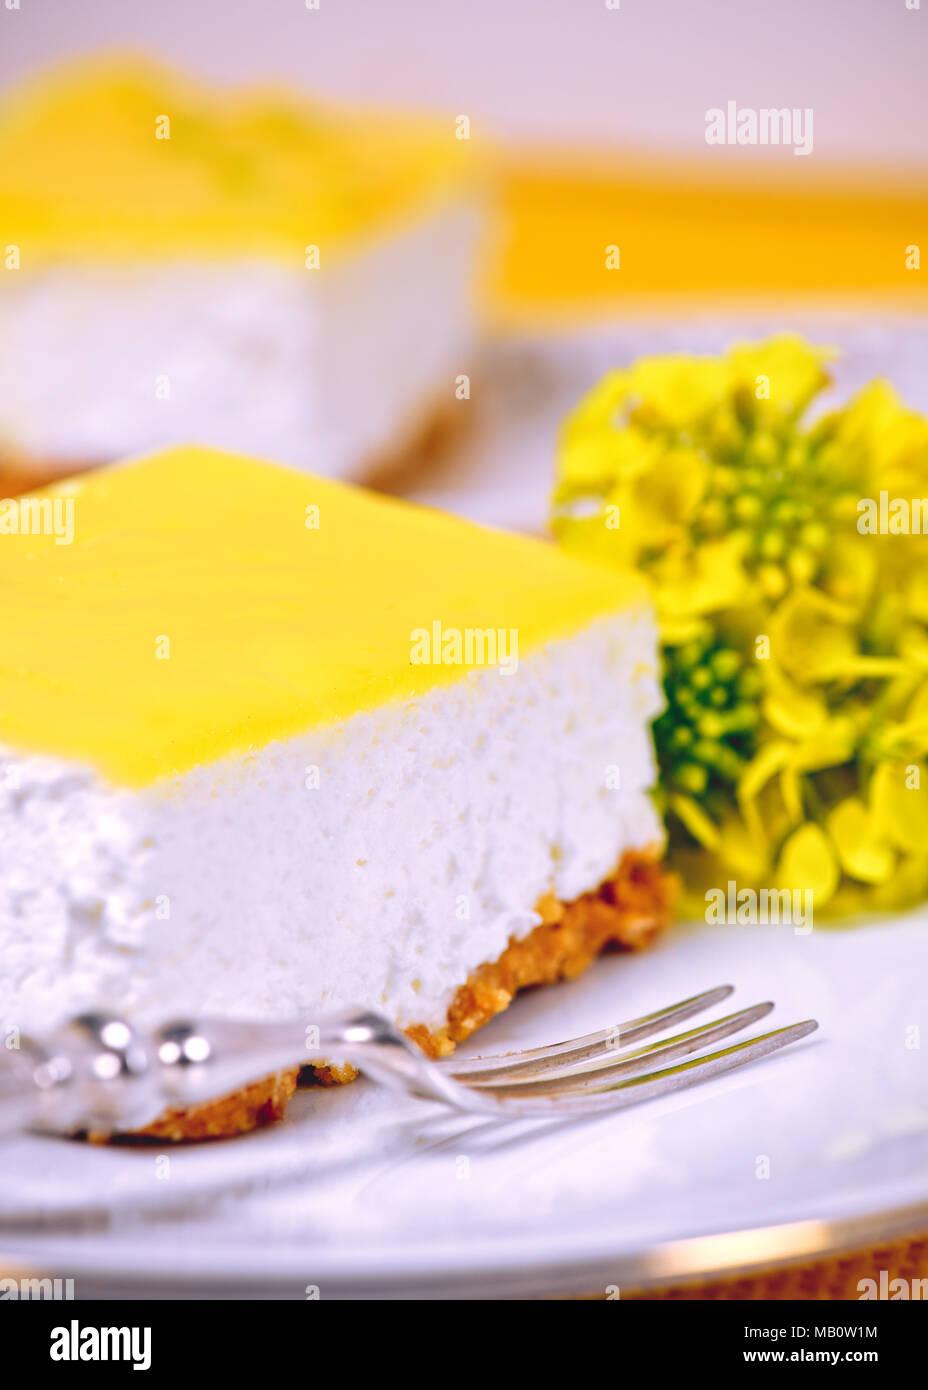 Scheibe der Zitrone Mousse auf einem weißen mit einem silbernen Gabel und gelbe Blumen bokeh Hintergrund Anzeige Kopie Raum Stockbild